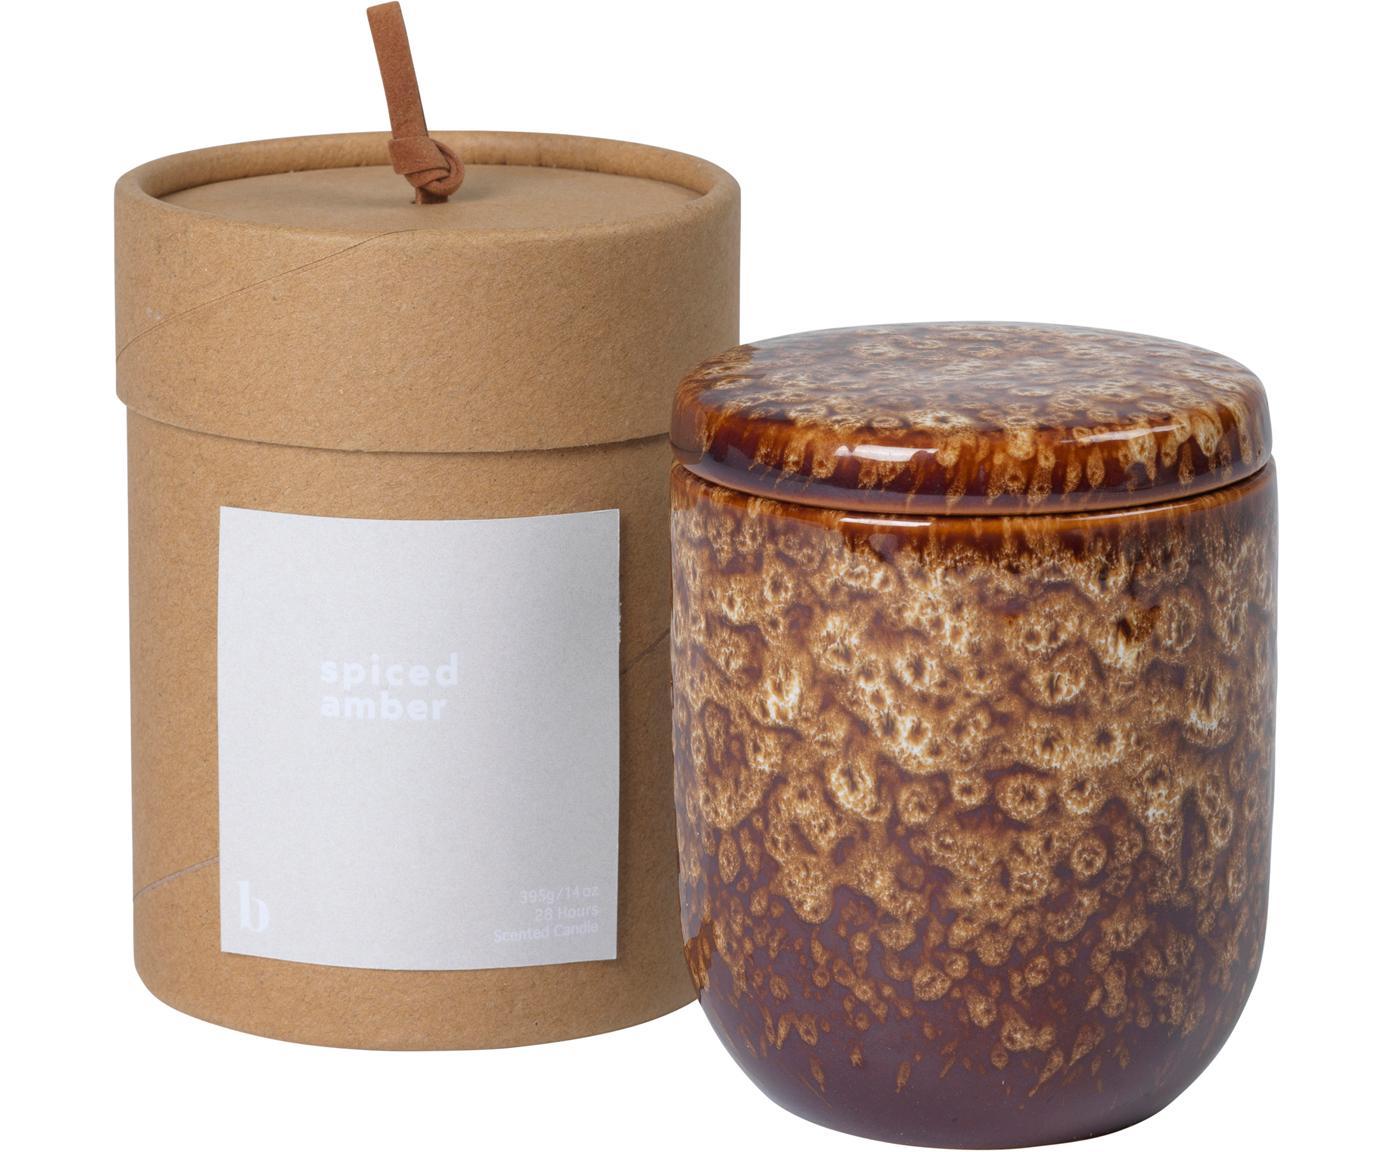 Geurkaars Spiced Amber, Houder: keramiek, Bruintinten, Ø 8 cm